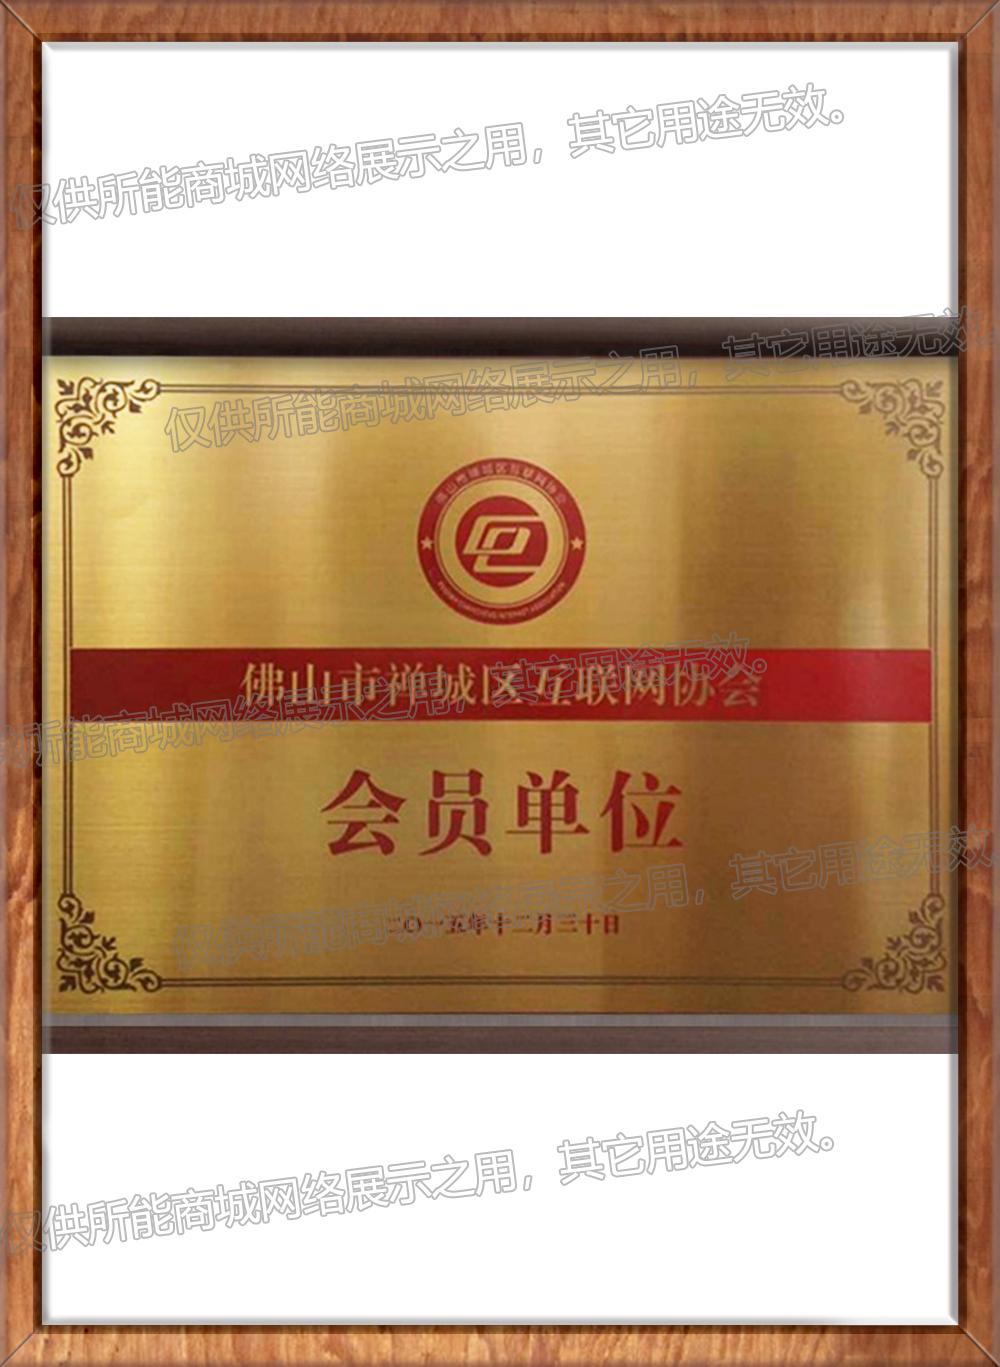 佛山禅城互联网协会